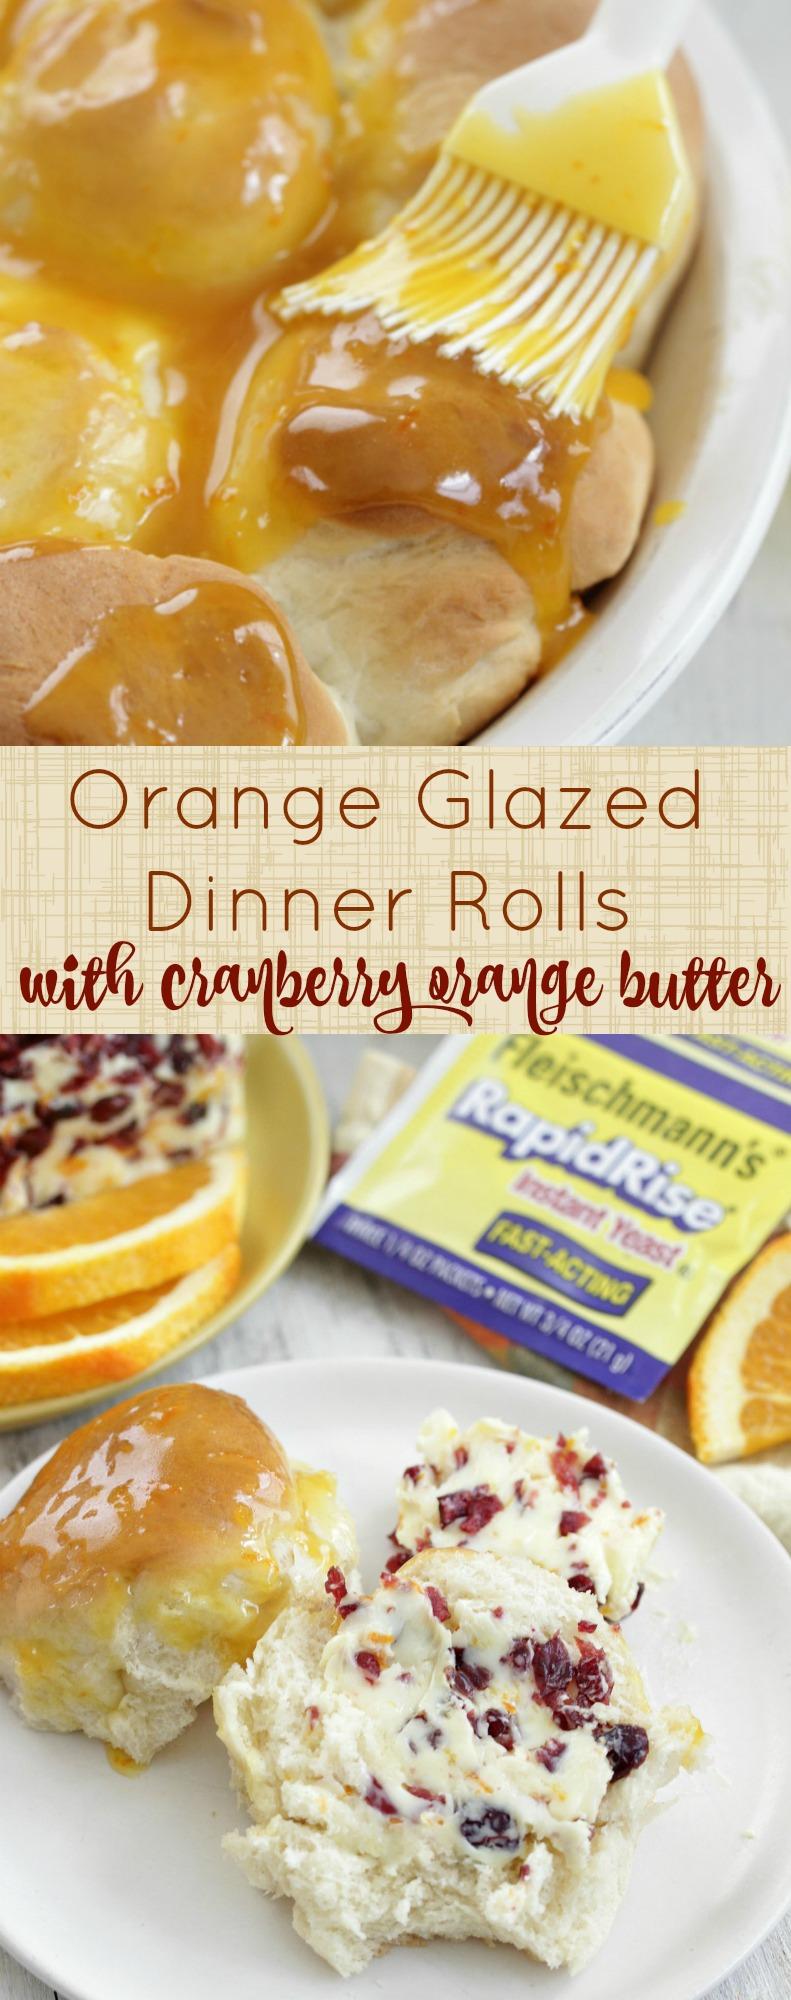 Orange Glazed Dinner Rolls